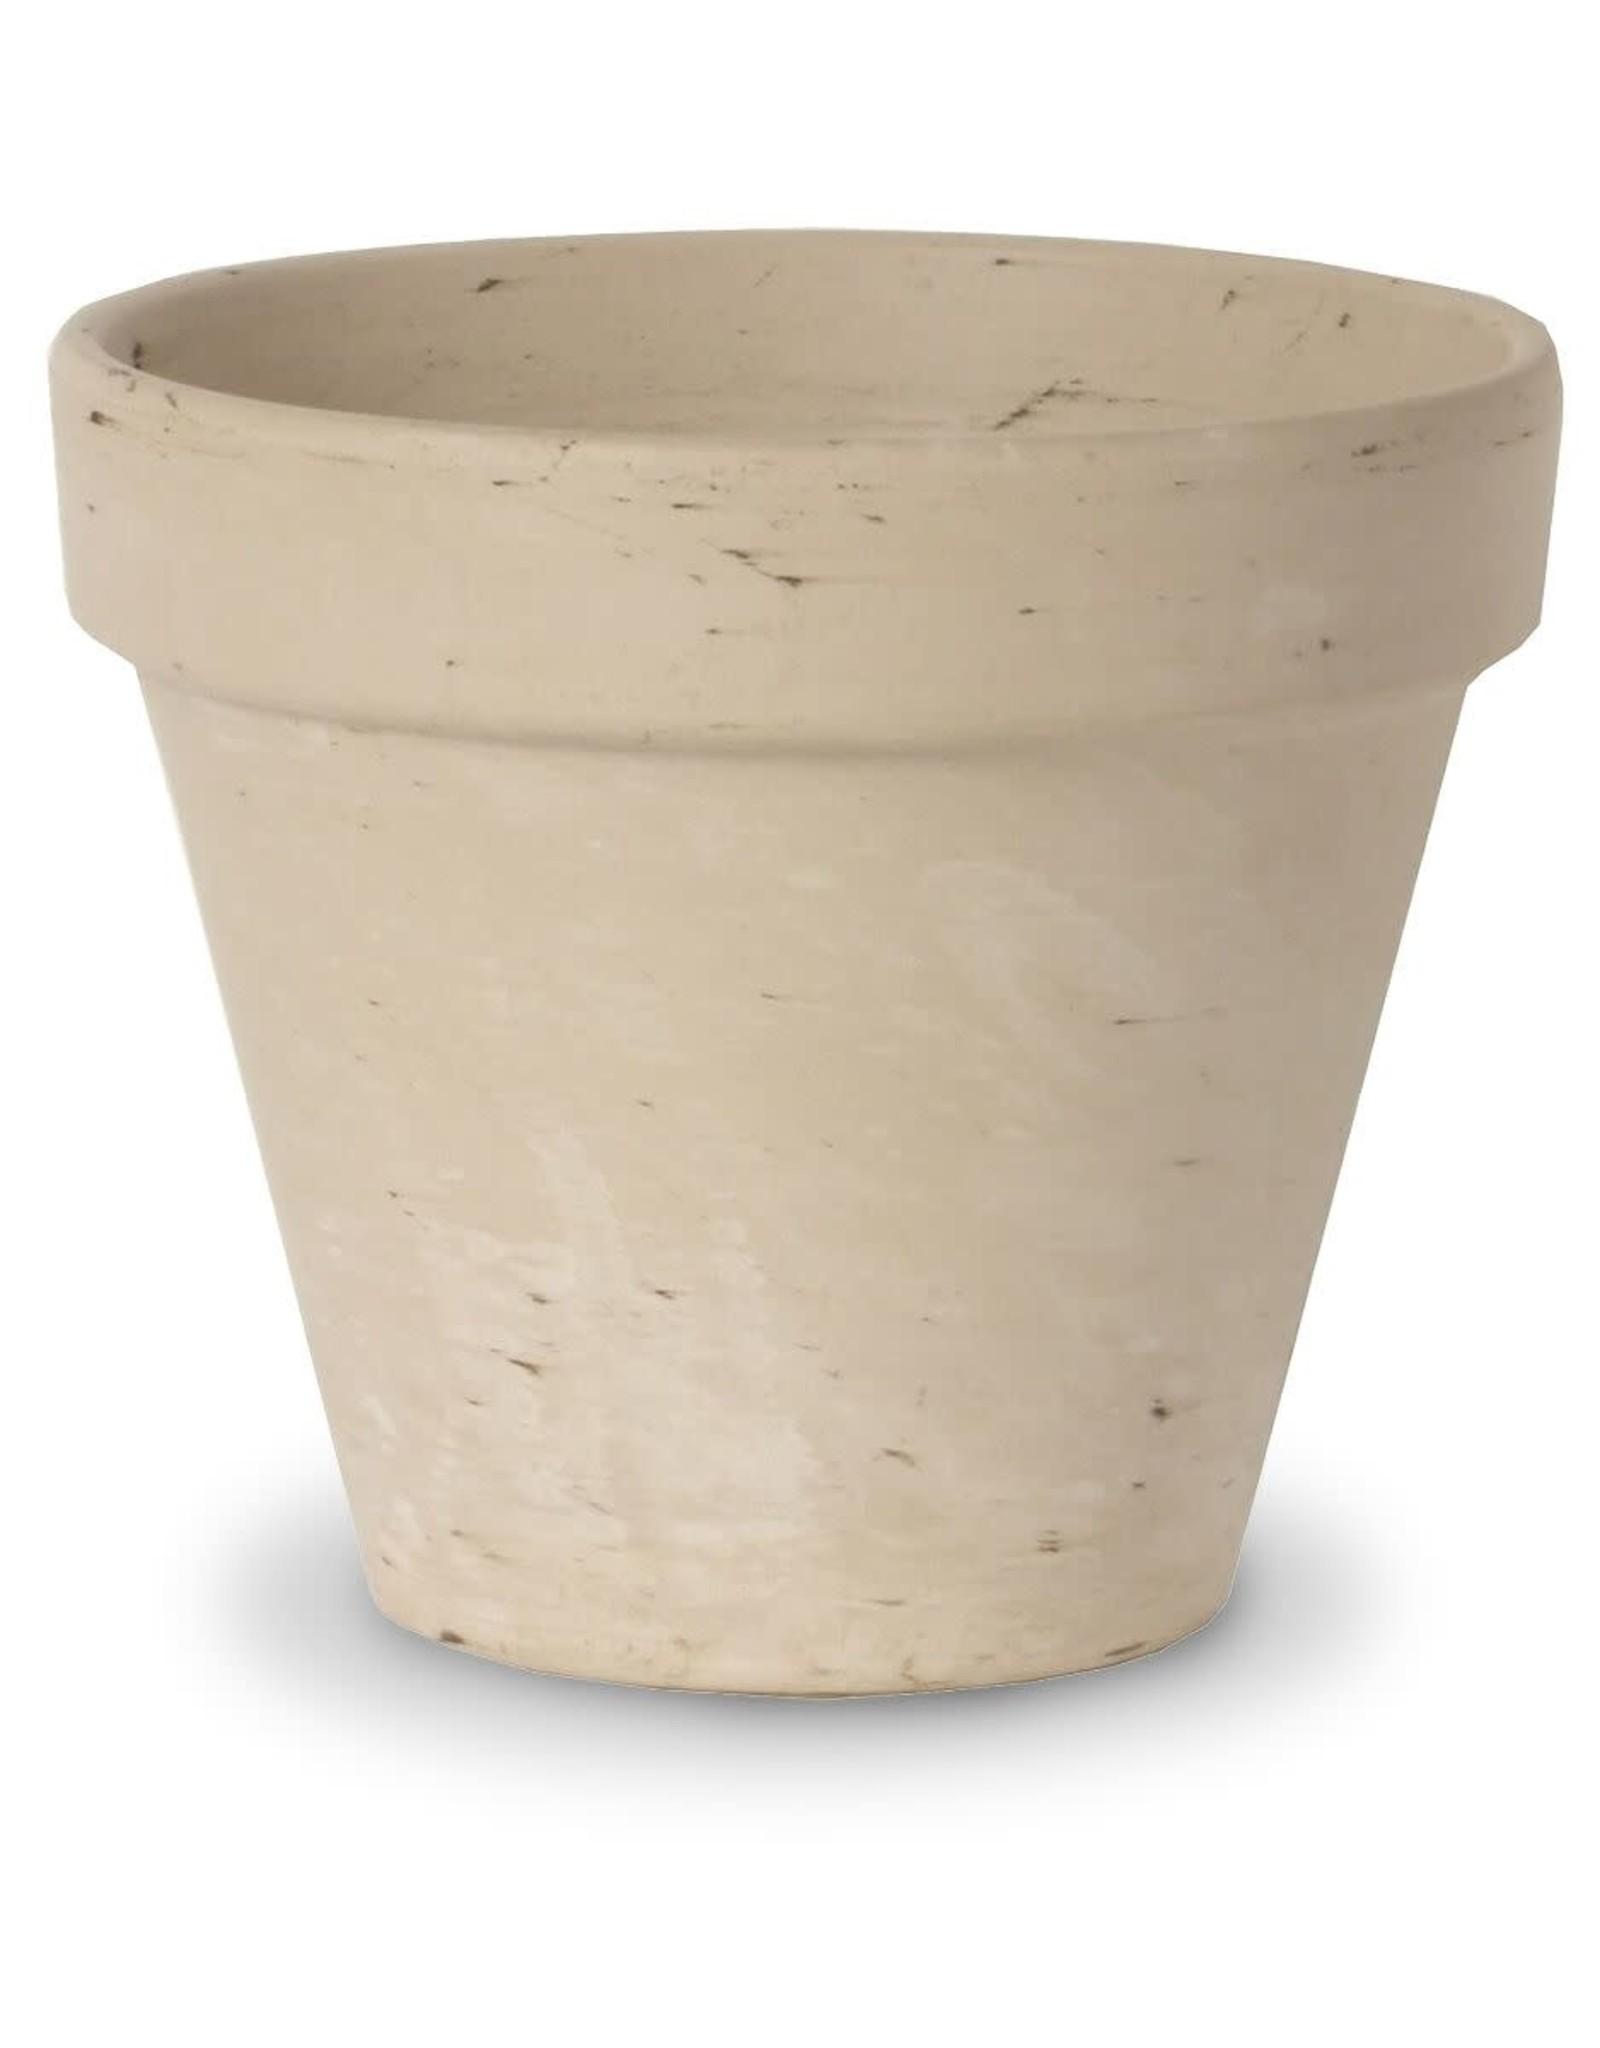 Terra Cotta Pot - White Clay